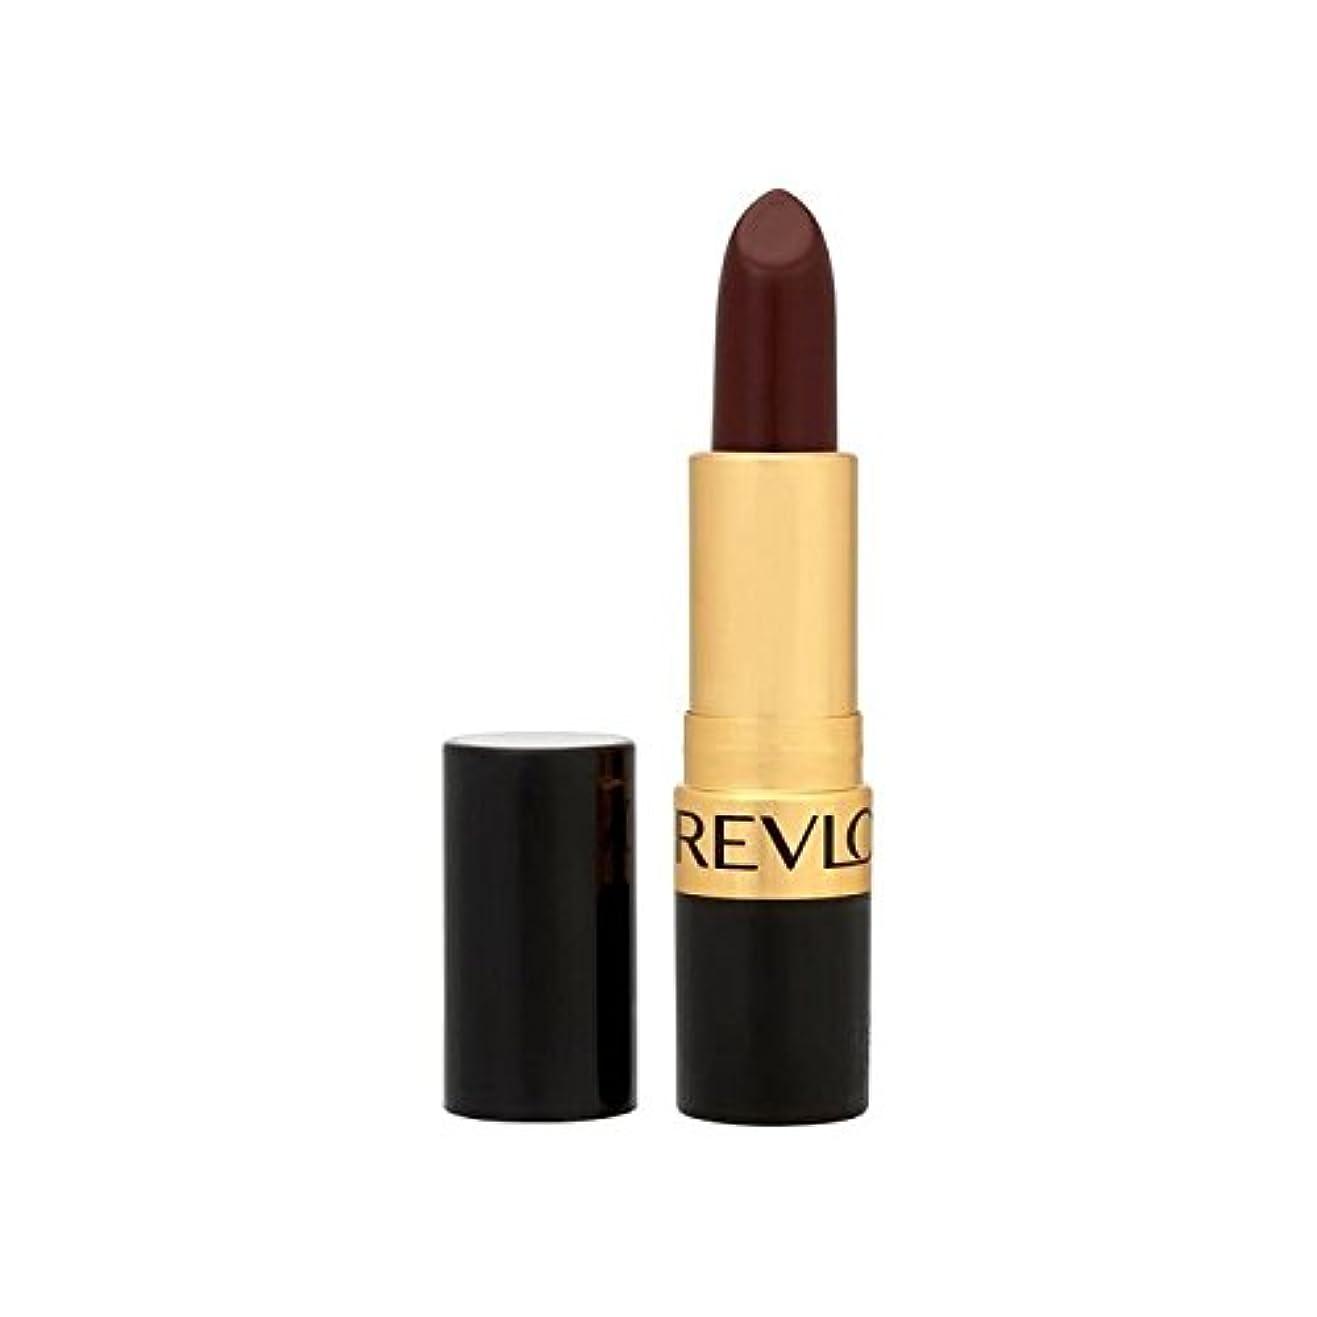 クラック発音懲らしめレブロンスーパー光沢のある口紅ブラックチェリー477 x2 - Revlon Super Lustrous Lipstick Black Cherry 477 (Pack of 2) [並行輸入品]